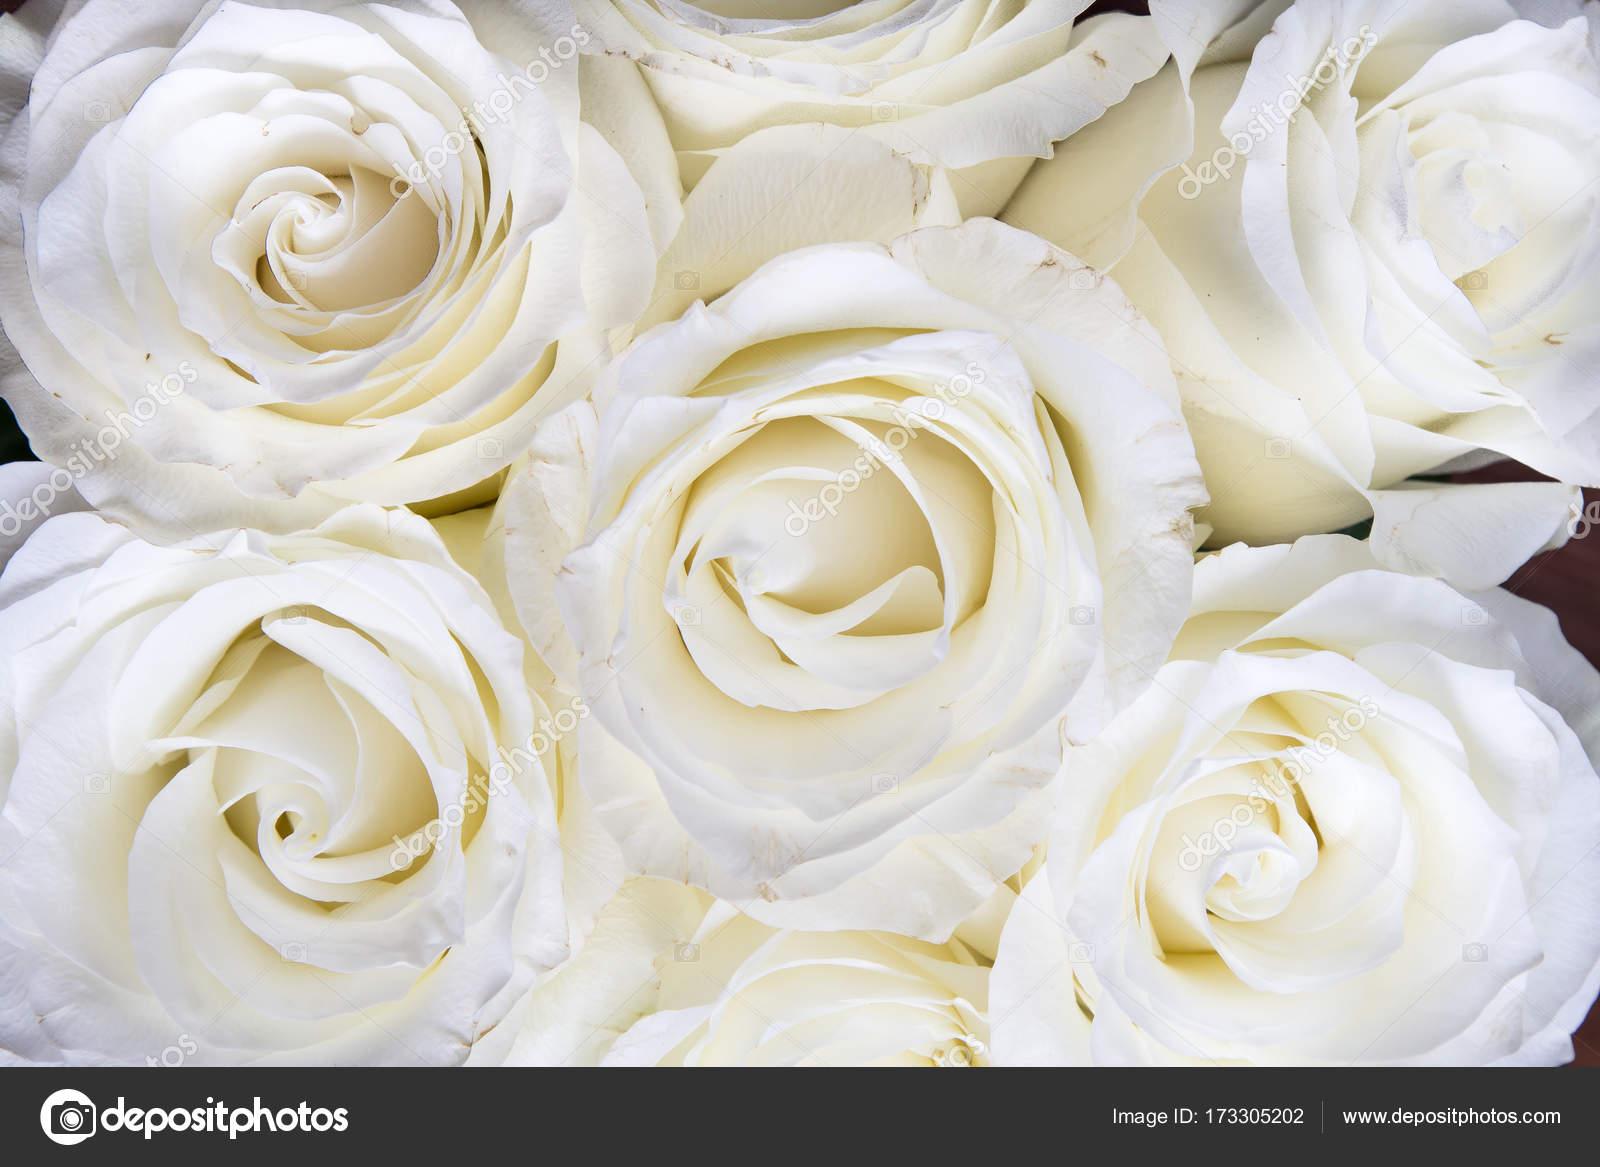 wei e rosen vollbild hintergrund wei e bl ten tolle rosen hochzeit stockfoto cyndyk ids. Black Bedroom Furniture Sets. Home Design Ideas